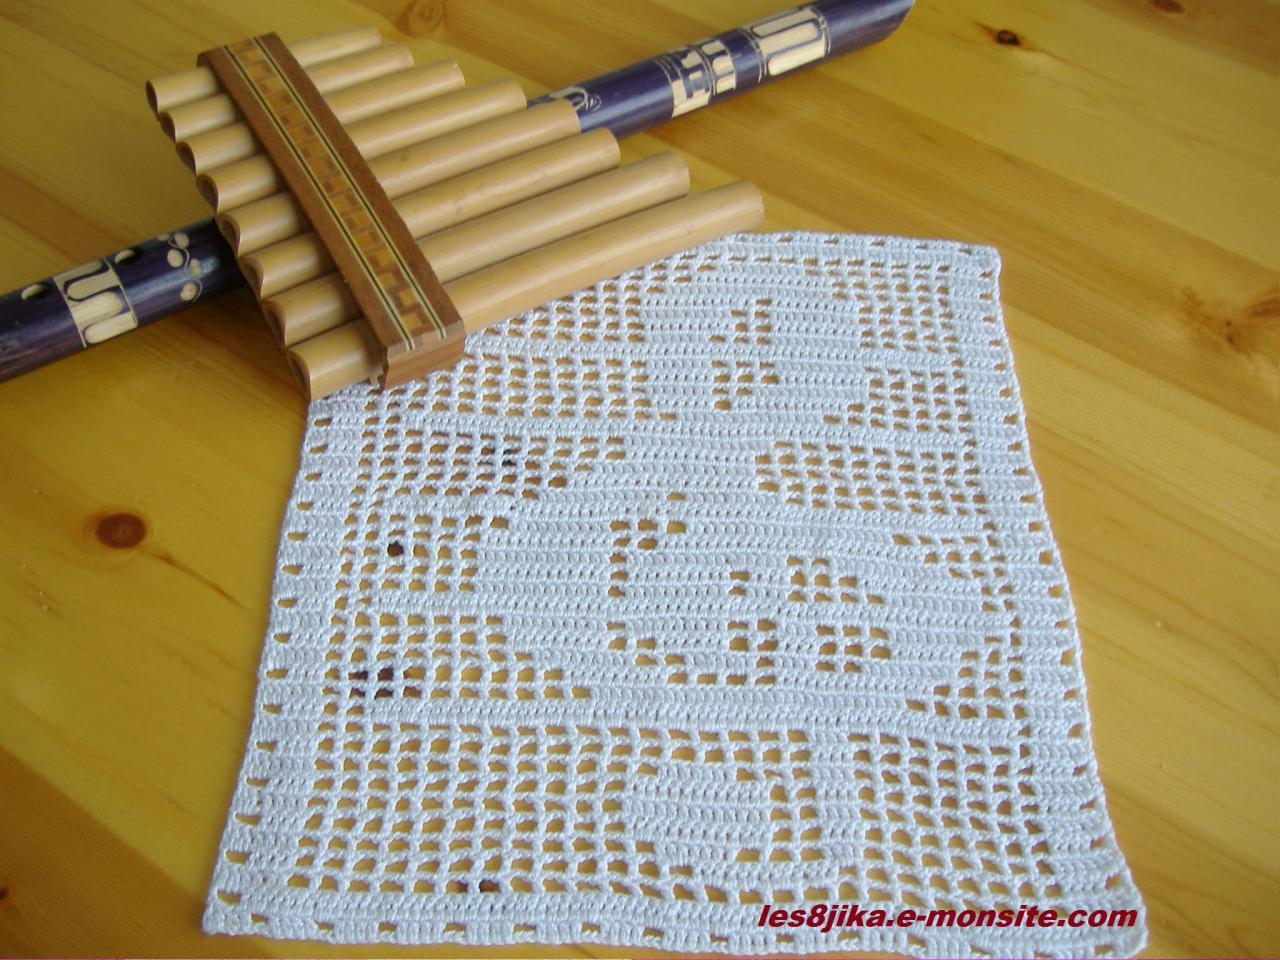 Napperon - Napperon crochet grille gratuite ...